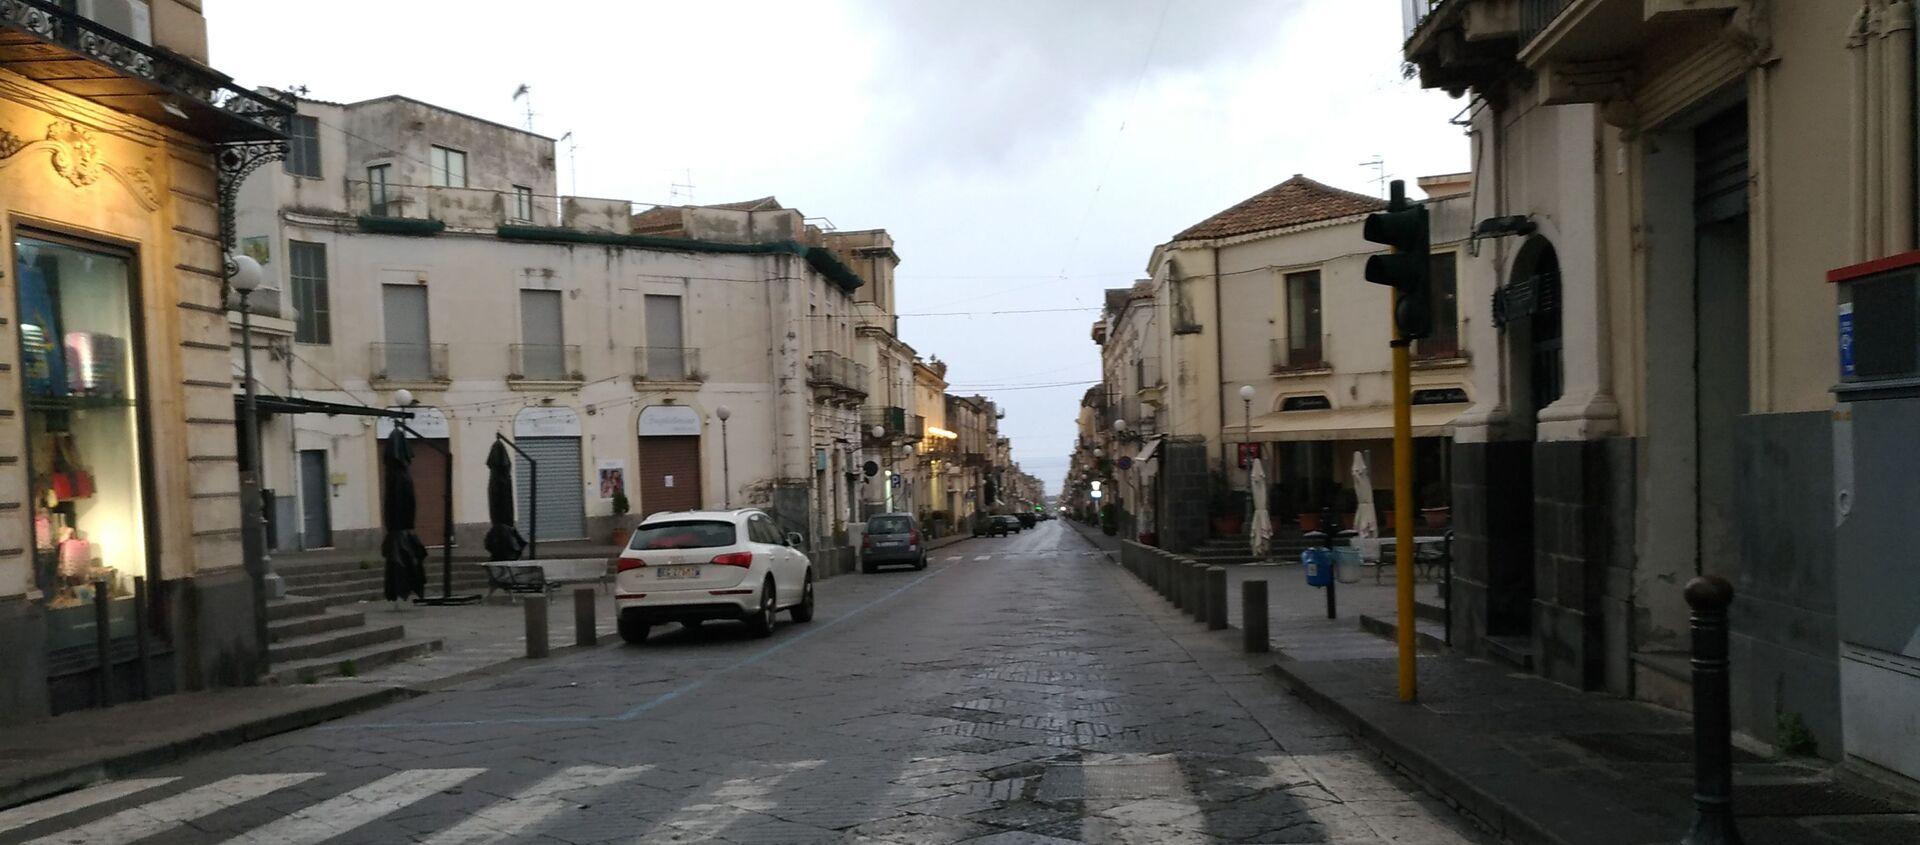 Sicilia, scatti dalla quarantena - Sputnik Italia, 1920, 26.04.2021